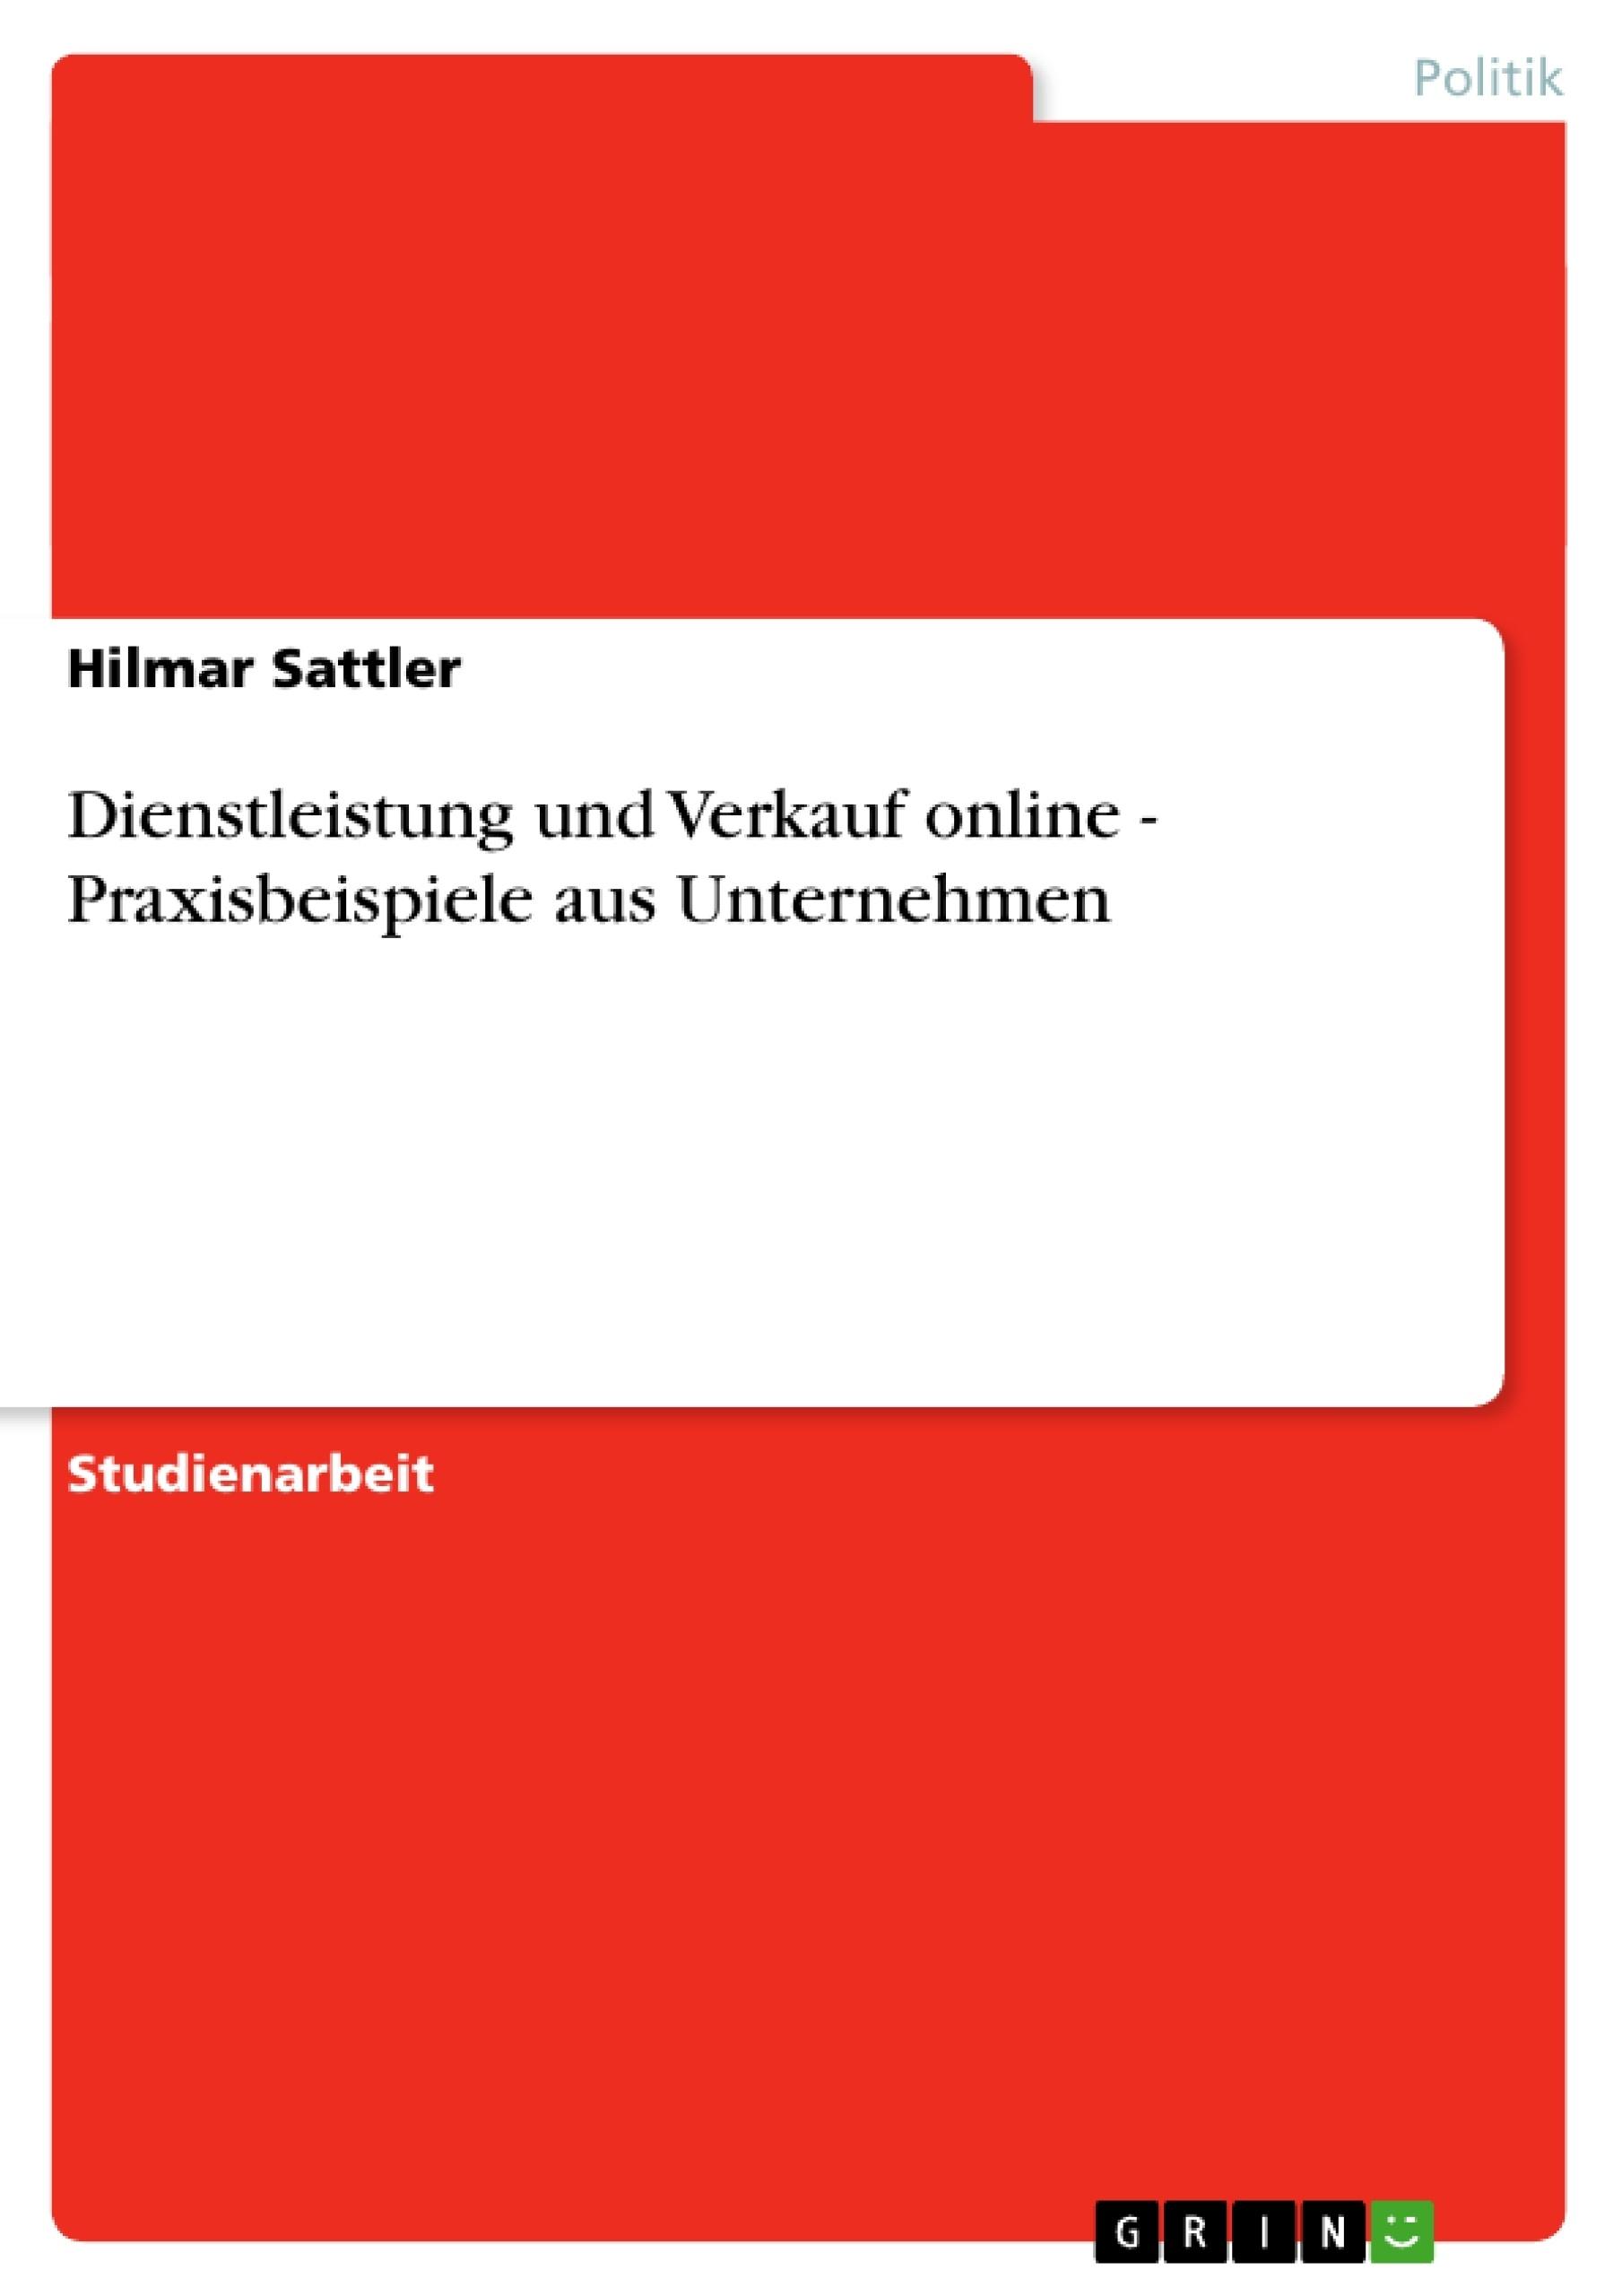 Titel: Dienstleistung und Verkauf online - Praxisbeispiele aus Unternehmen